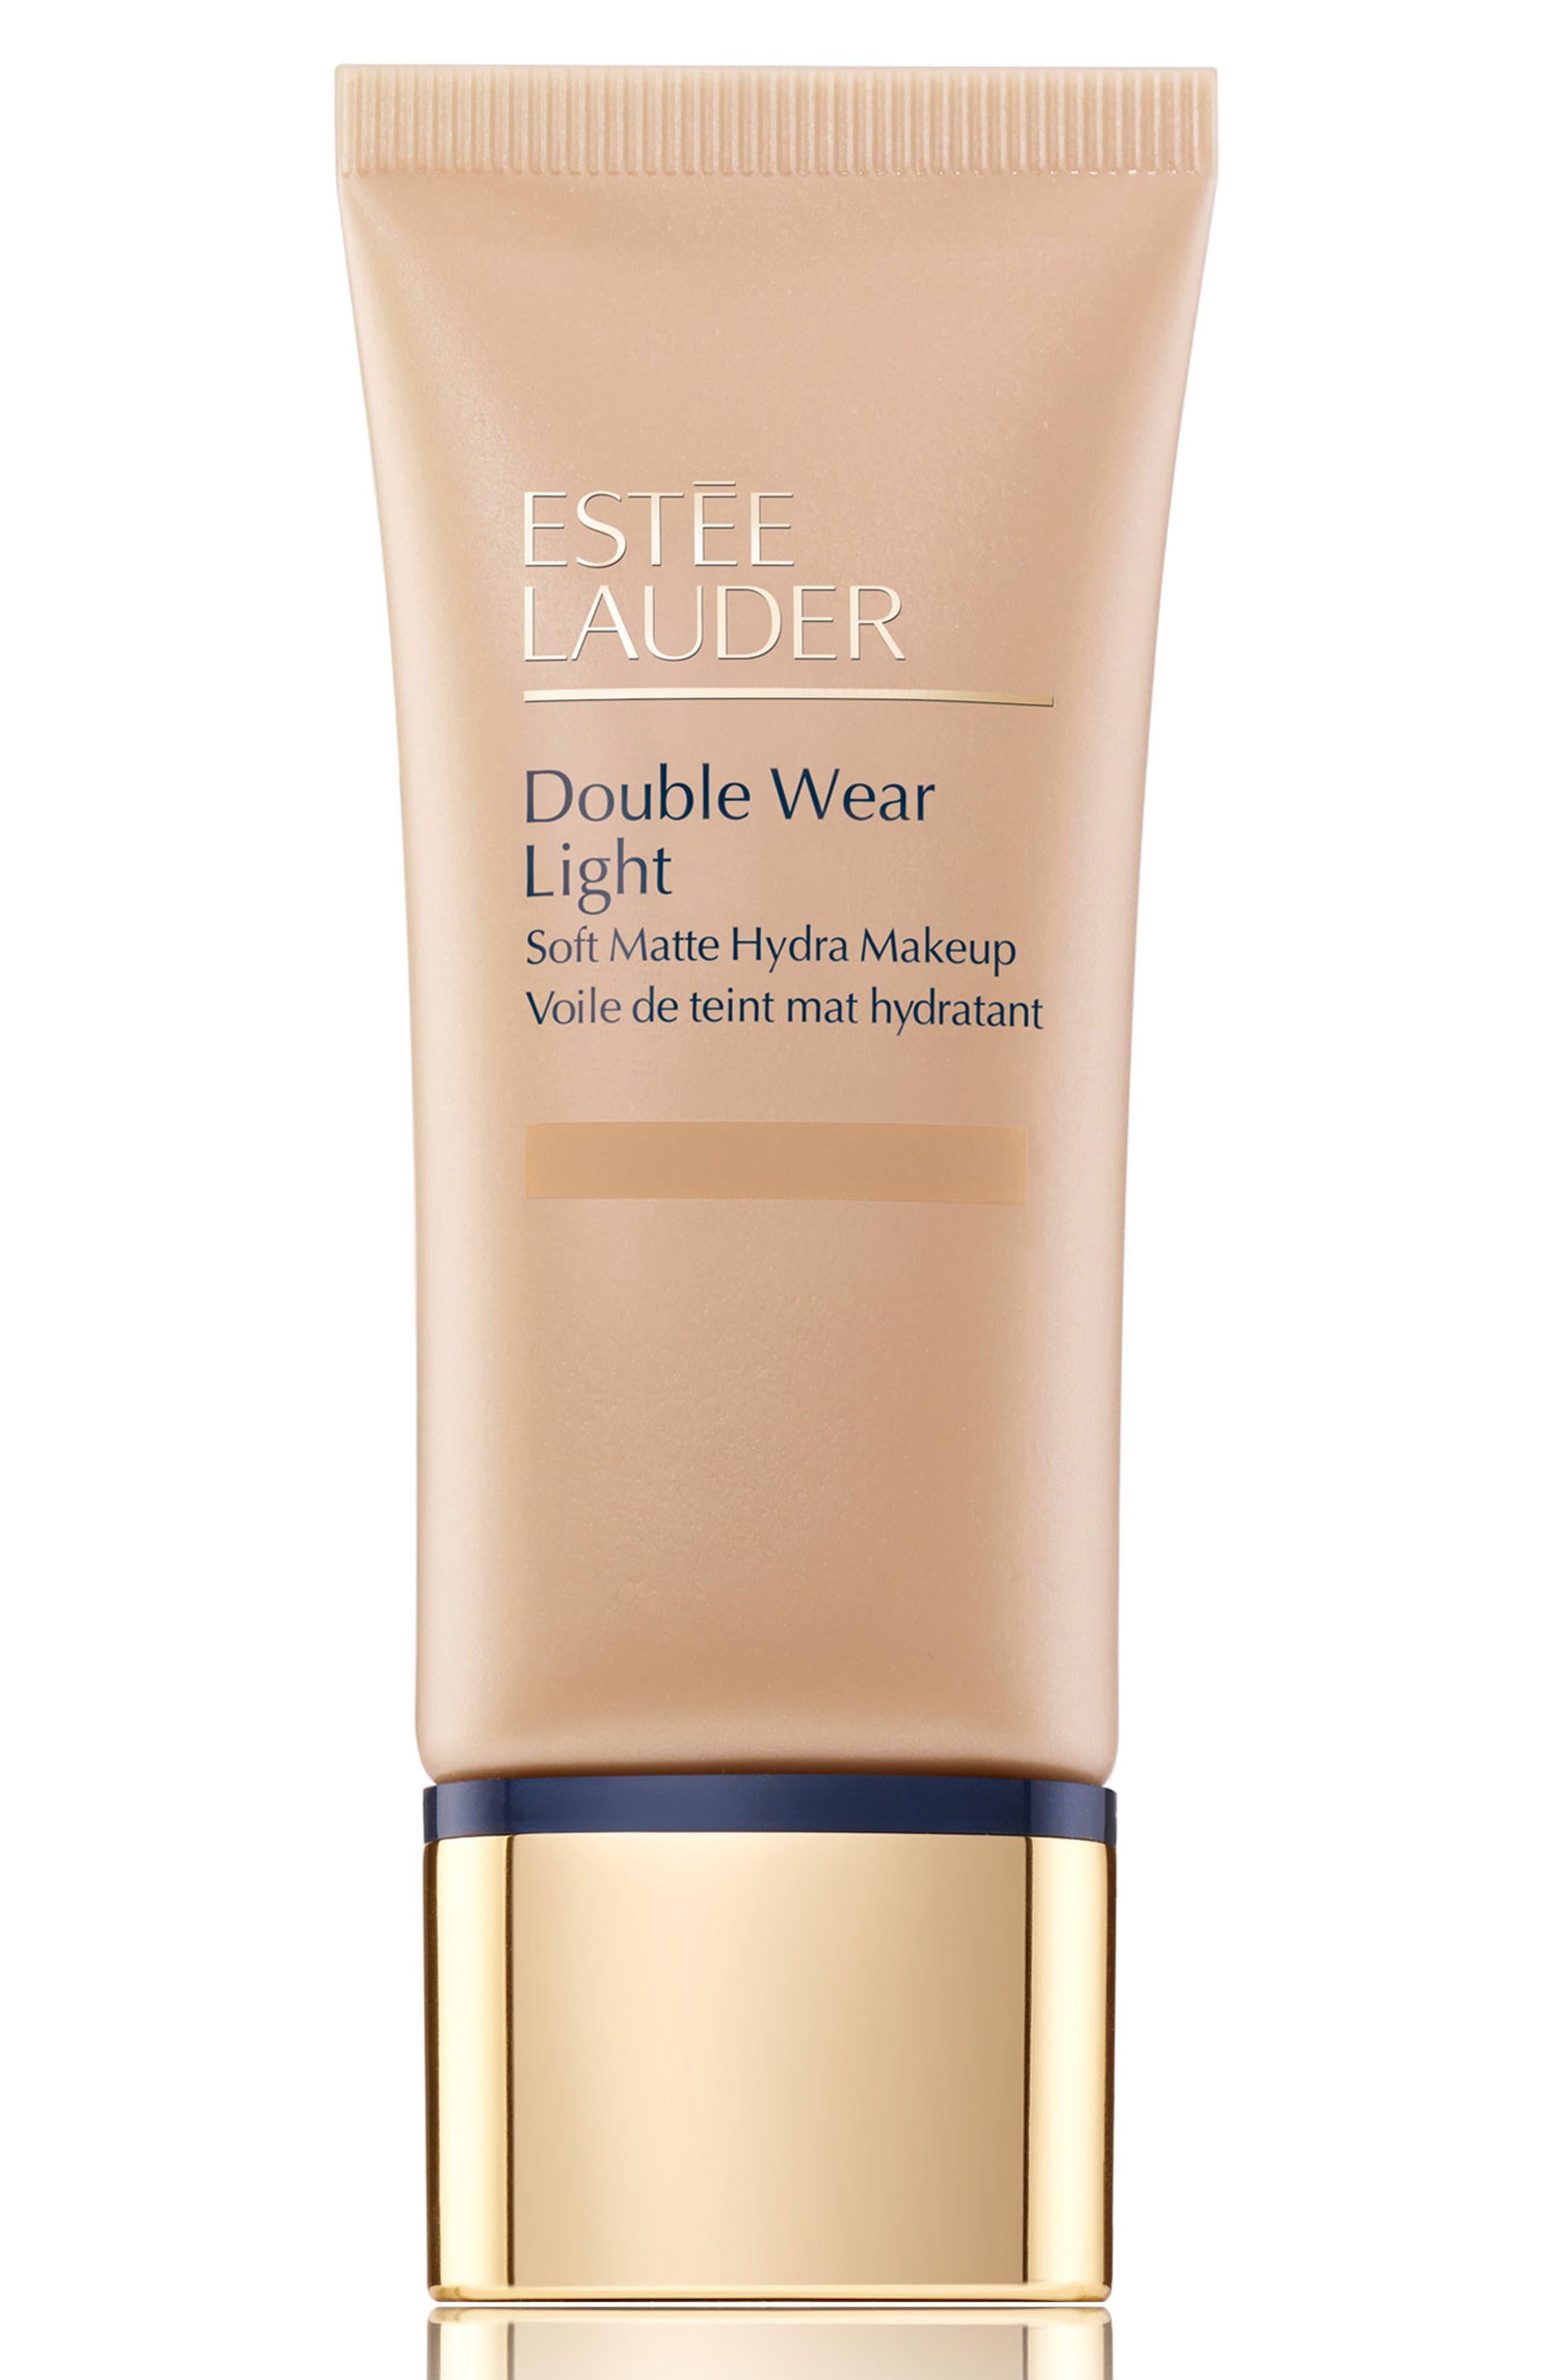 Estee Lauder Double Wear Light Soft Matte Hydra Makeup - 2N1 Desert Beige